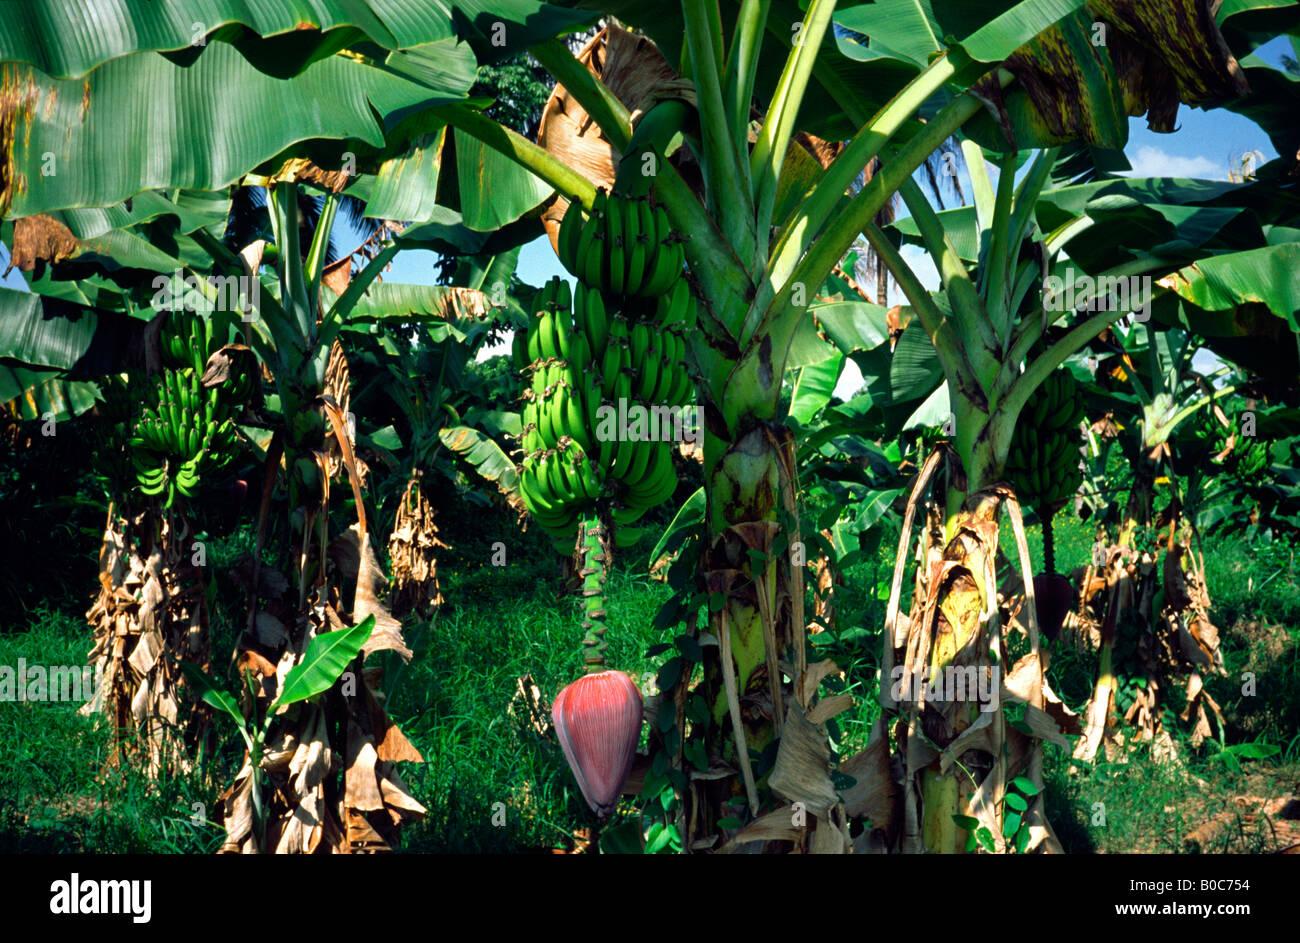 Pianta Di Banana Foto piante di banana in una piantagione vicino la lima in